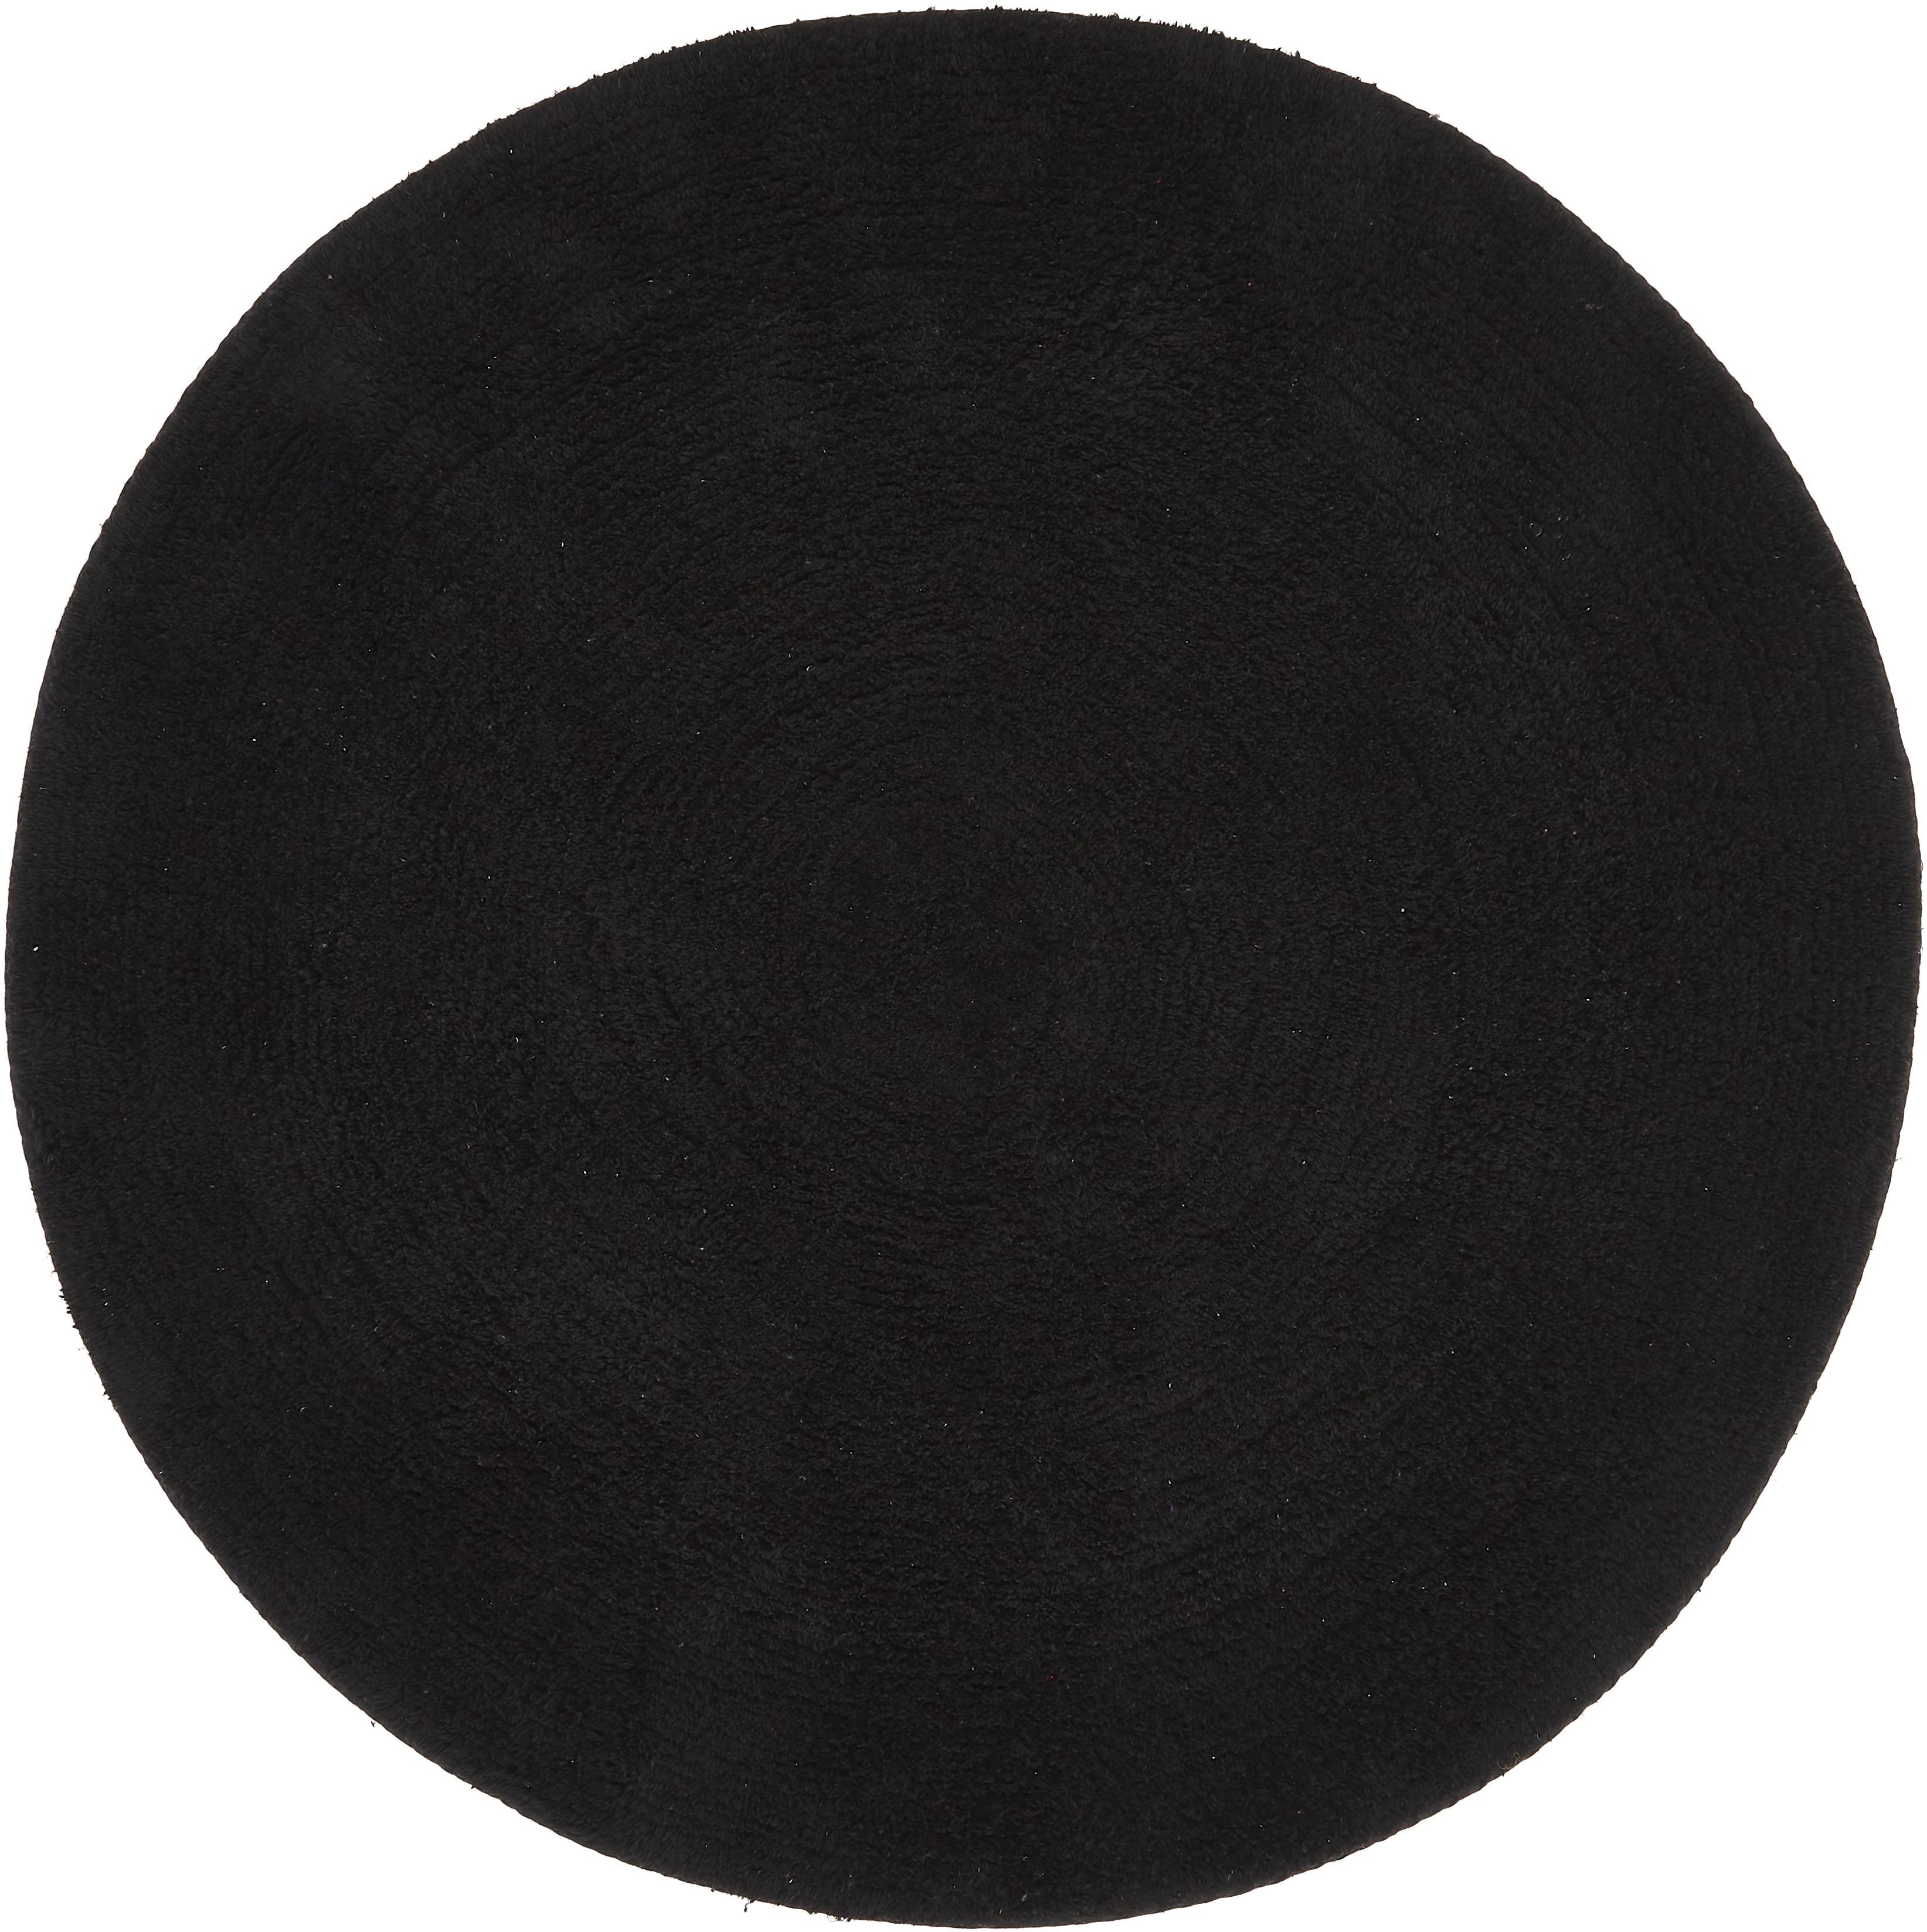 Tappeto bagno rotondo Emma, 100% cotone, Nero, Ø 90 cm